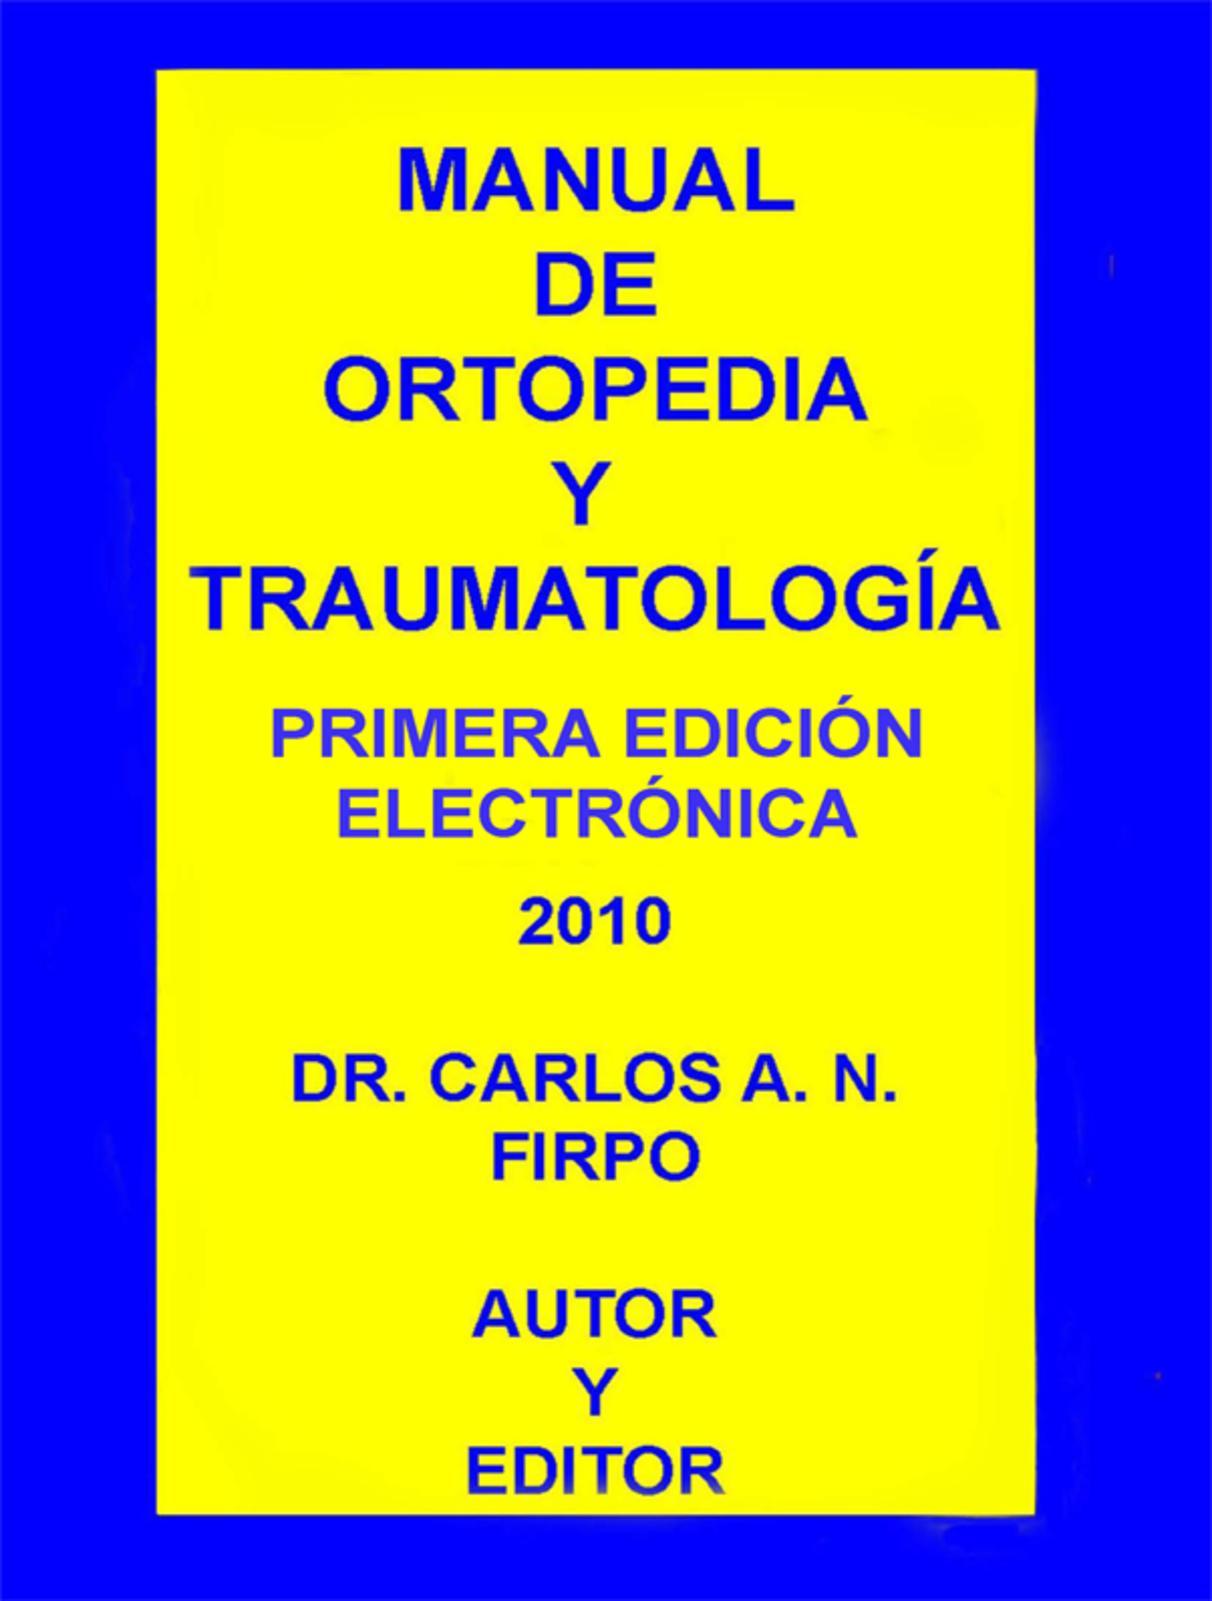 Calaméo - Manual De Traumatologia a831969b48f8